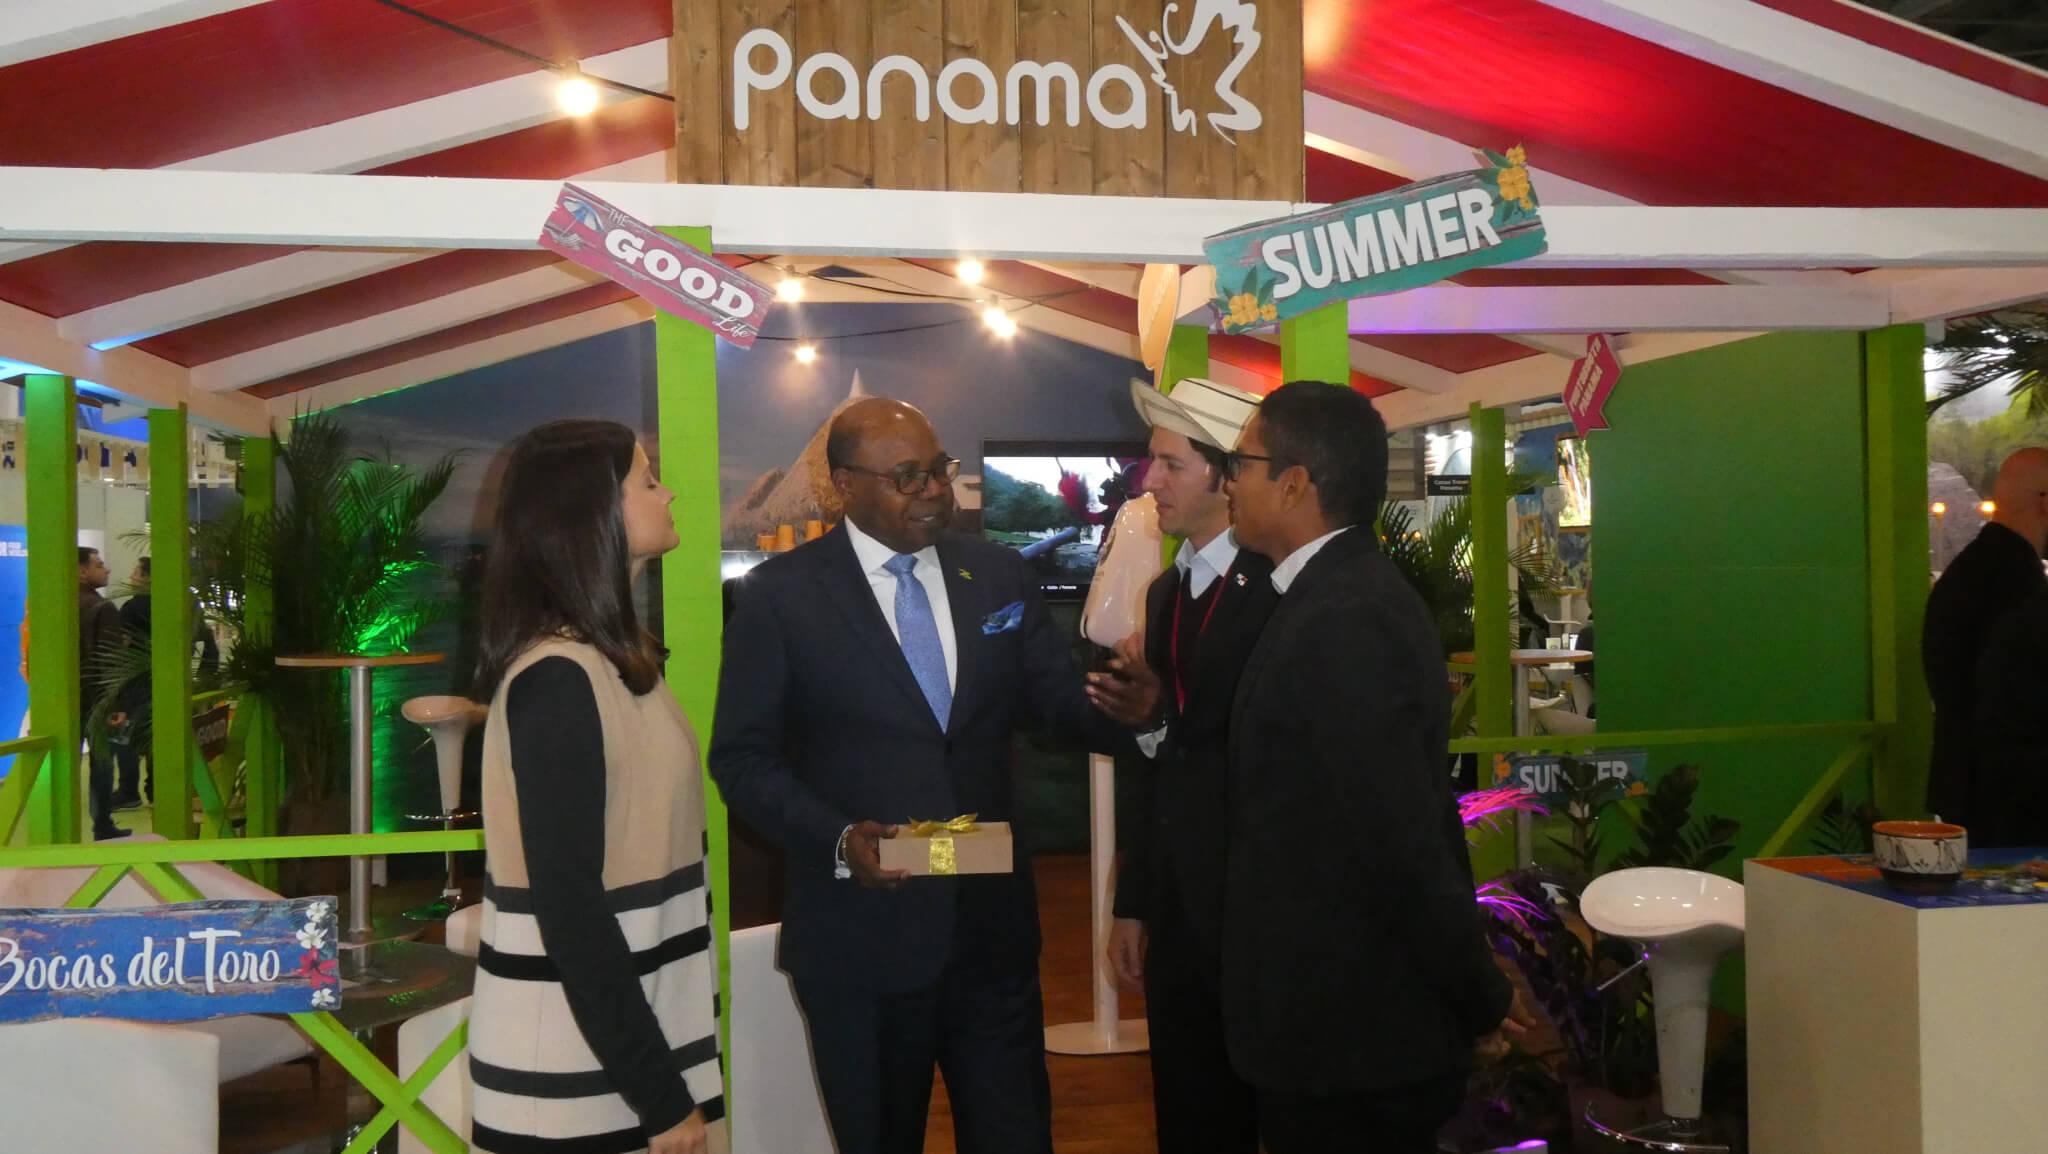 جامايكا وبنما يتعاونان لإنشاء ترتيب متعدد الوجهات